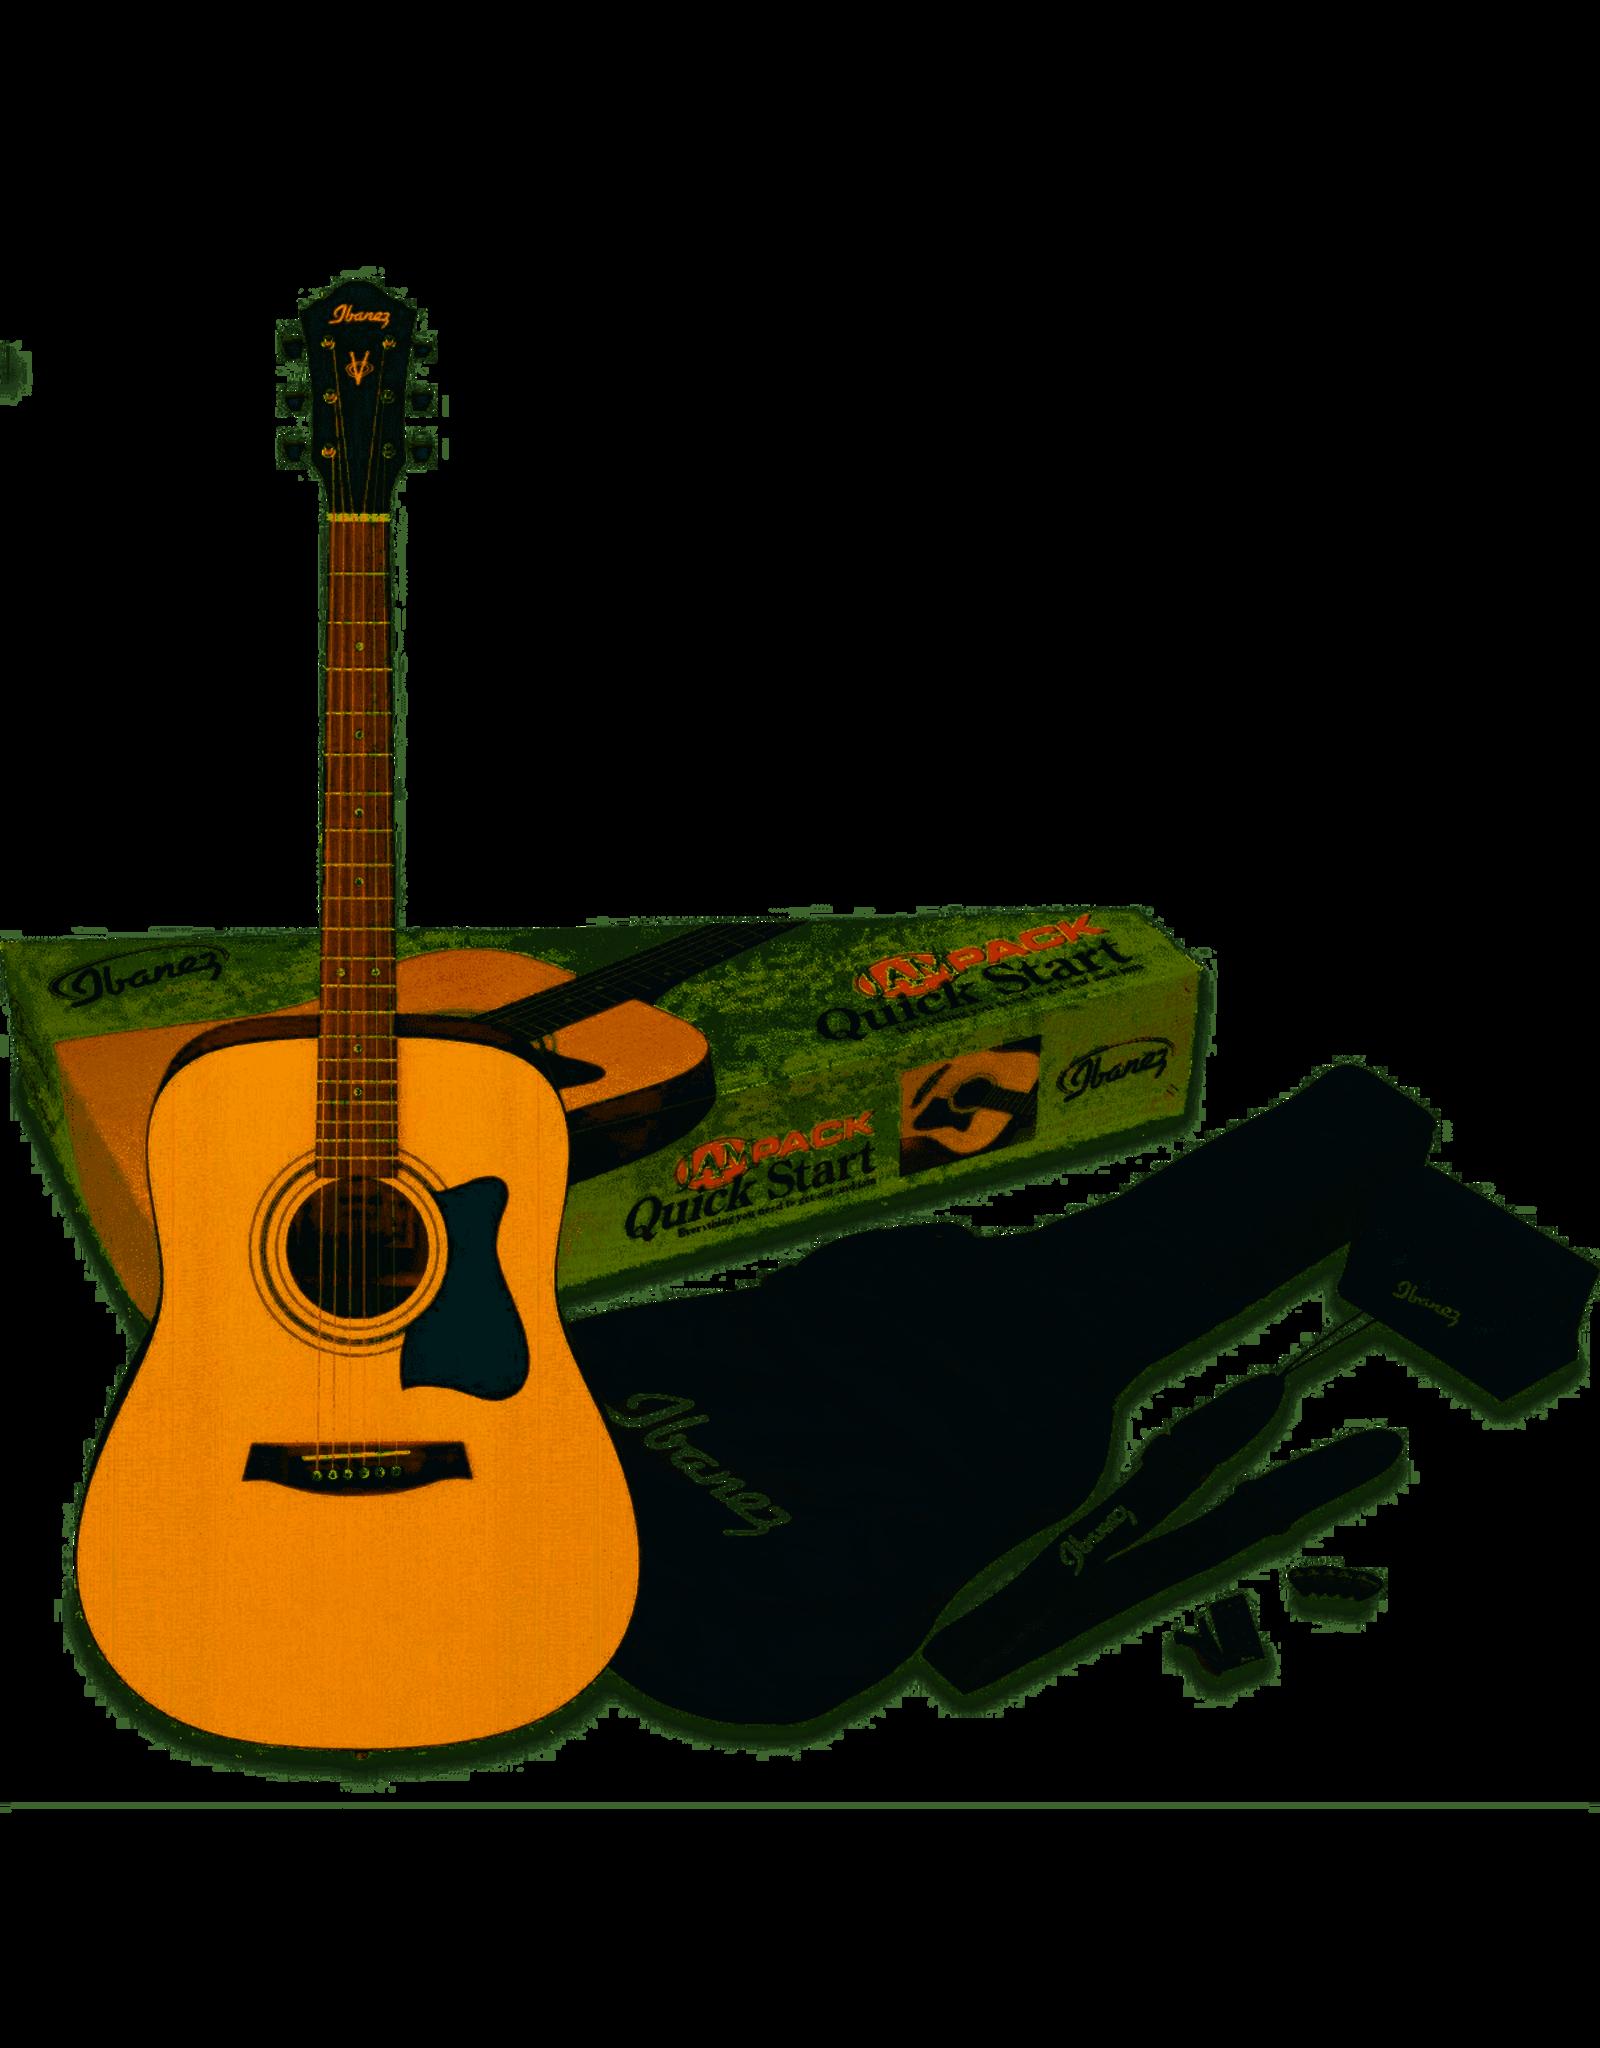 Ibanez Ibanez akoestische gitaar pack naturel